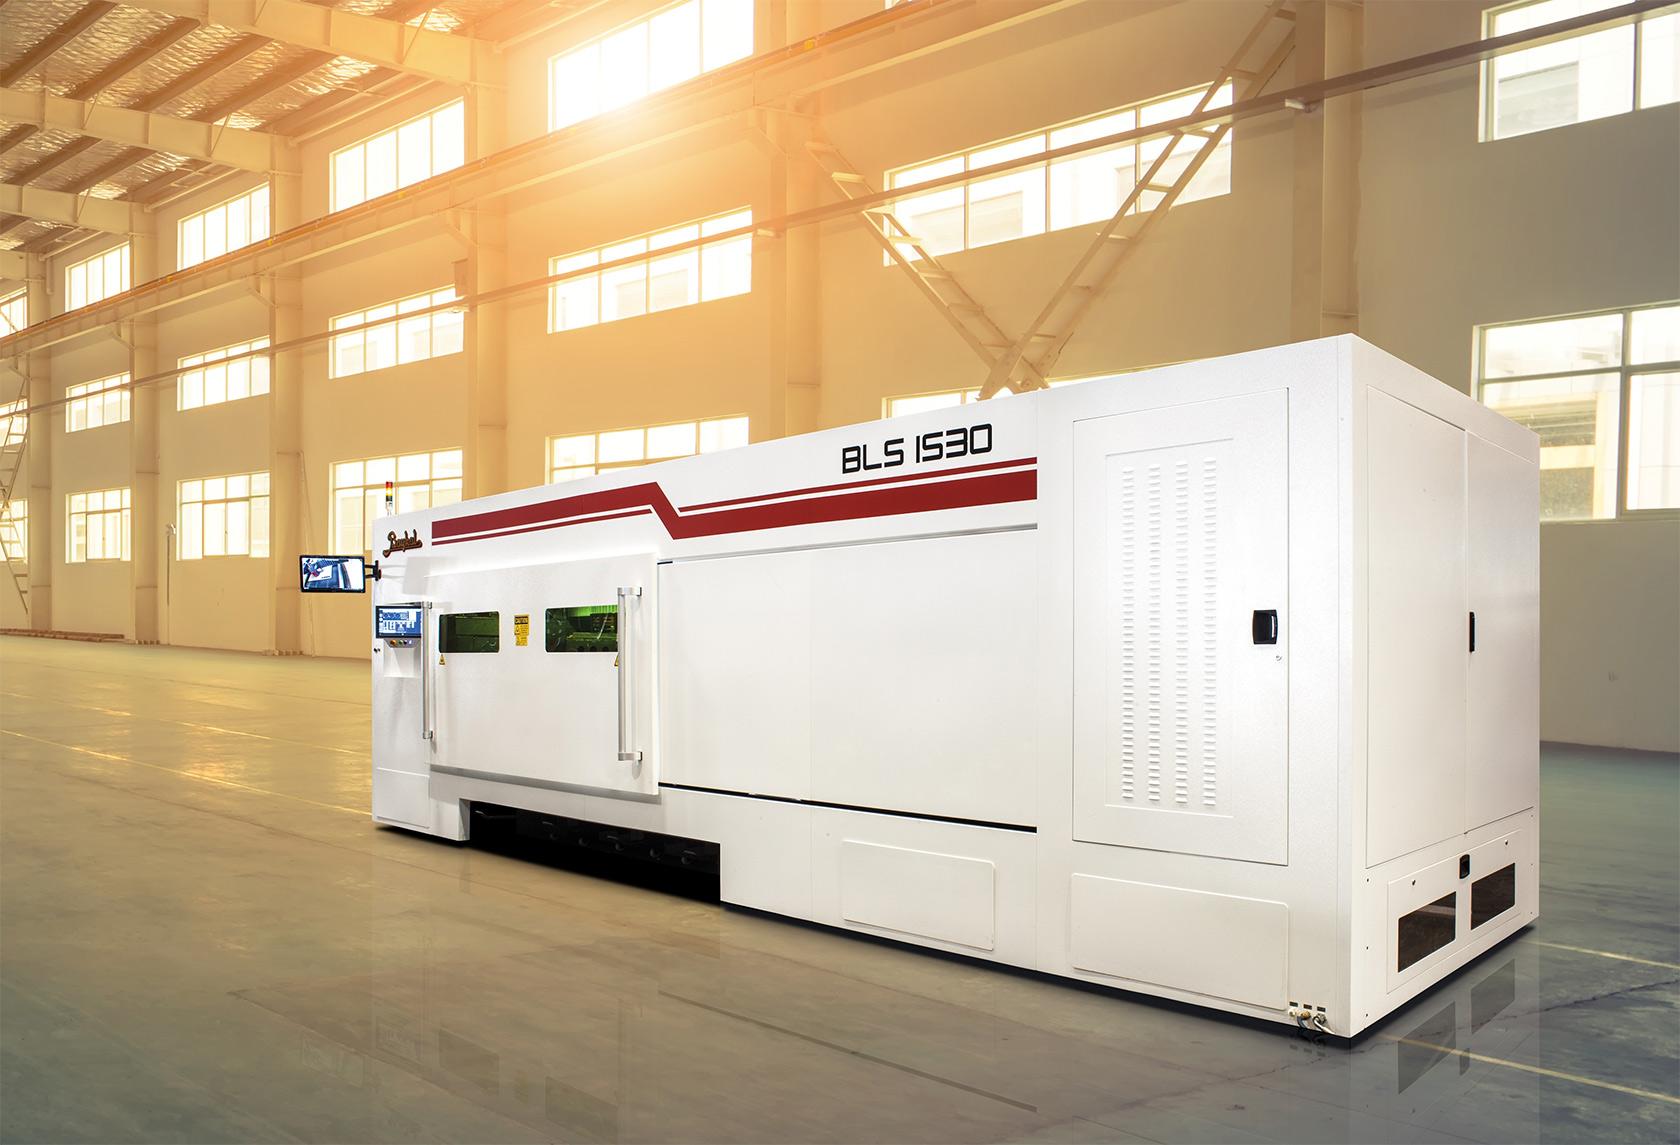 BAYKAL BLS1530 2kW-s fiber lézersugaras vágógép